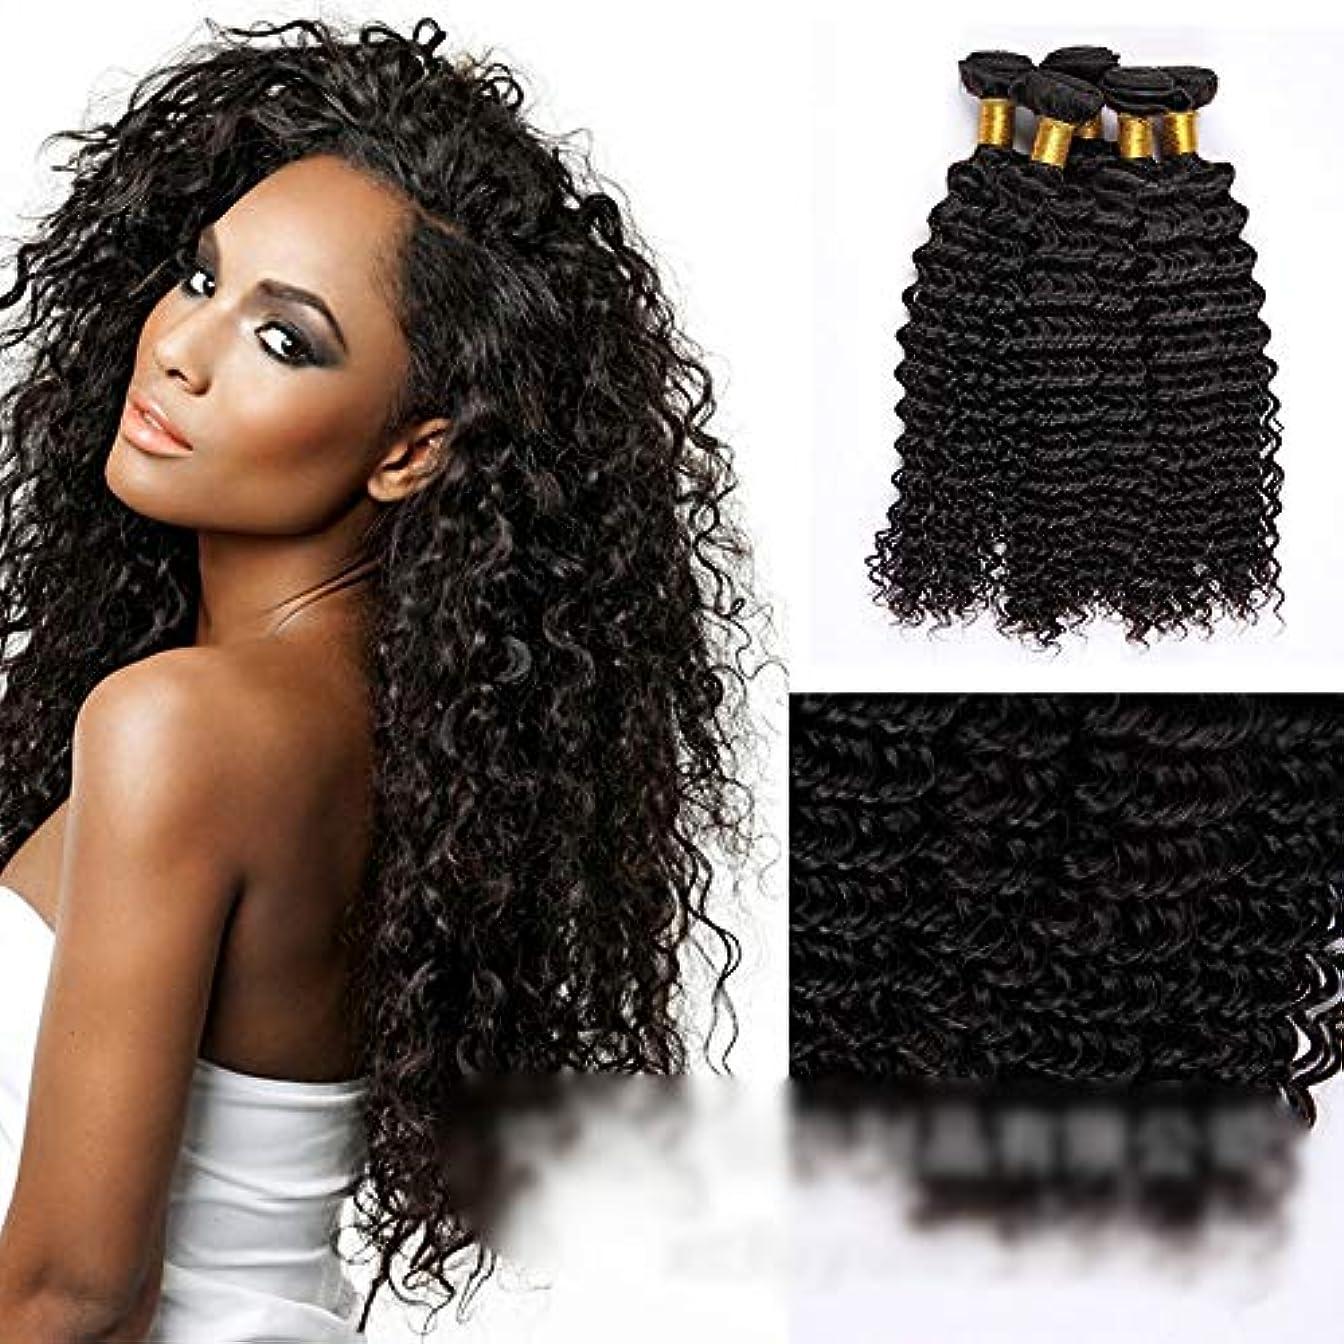 首謀者シュート背骨HOHYLLYA ブラジルの深い巻き毛の束100%未処理の人間の髪の毛の織り方自然な黒色の髪の拡張子(1バンドル、10